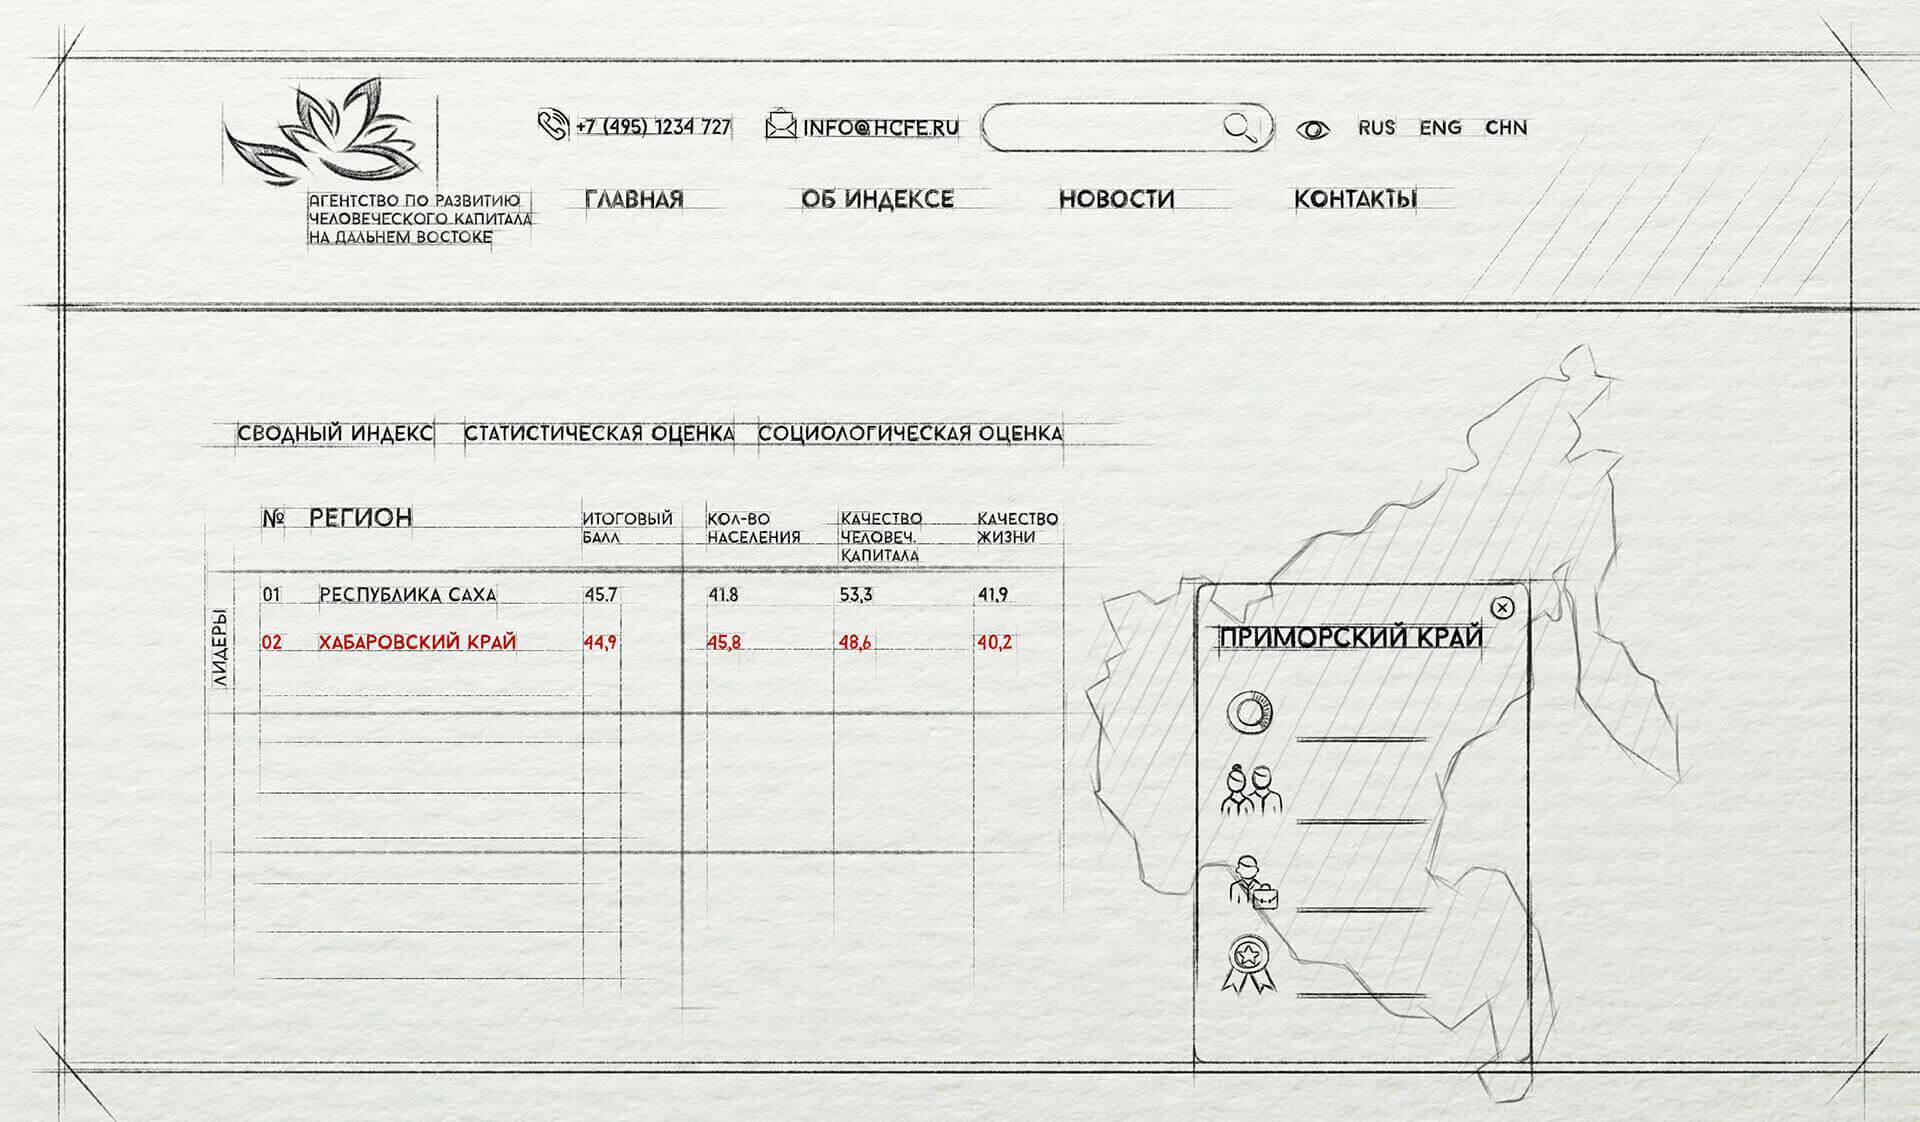 Разработка корпоративного интернет-портала на заказ в Москве